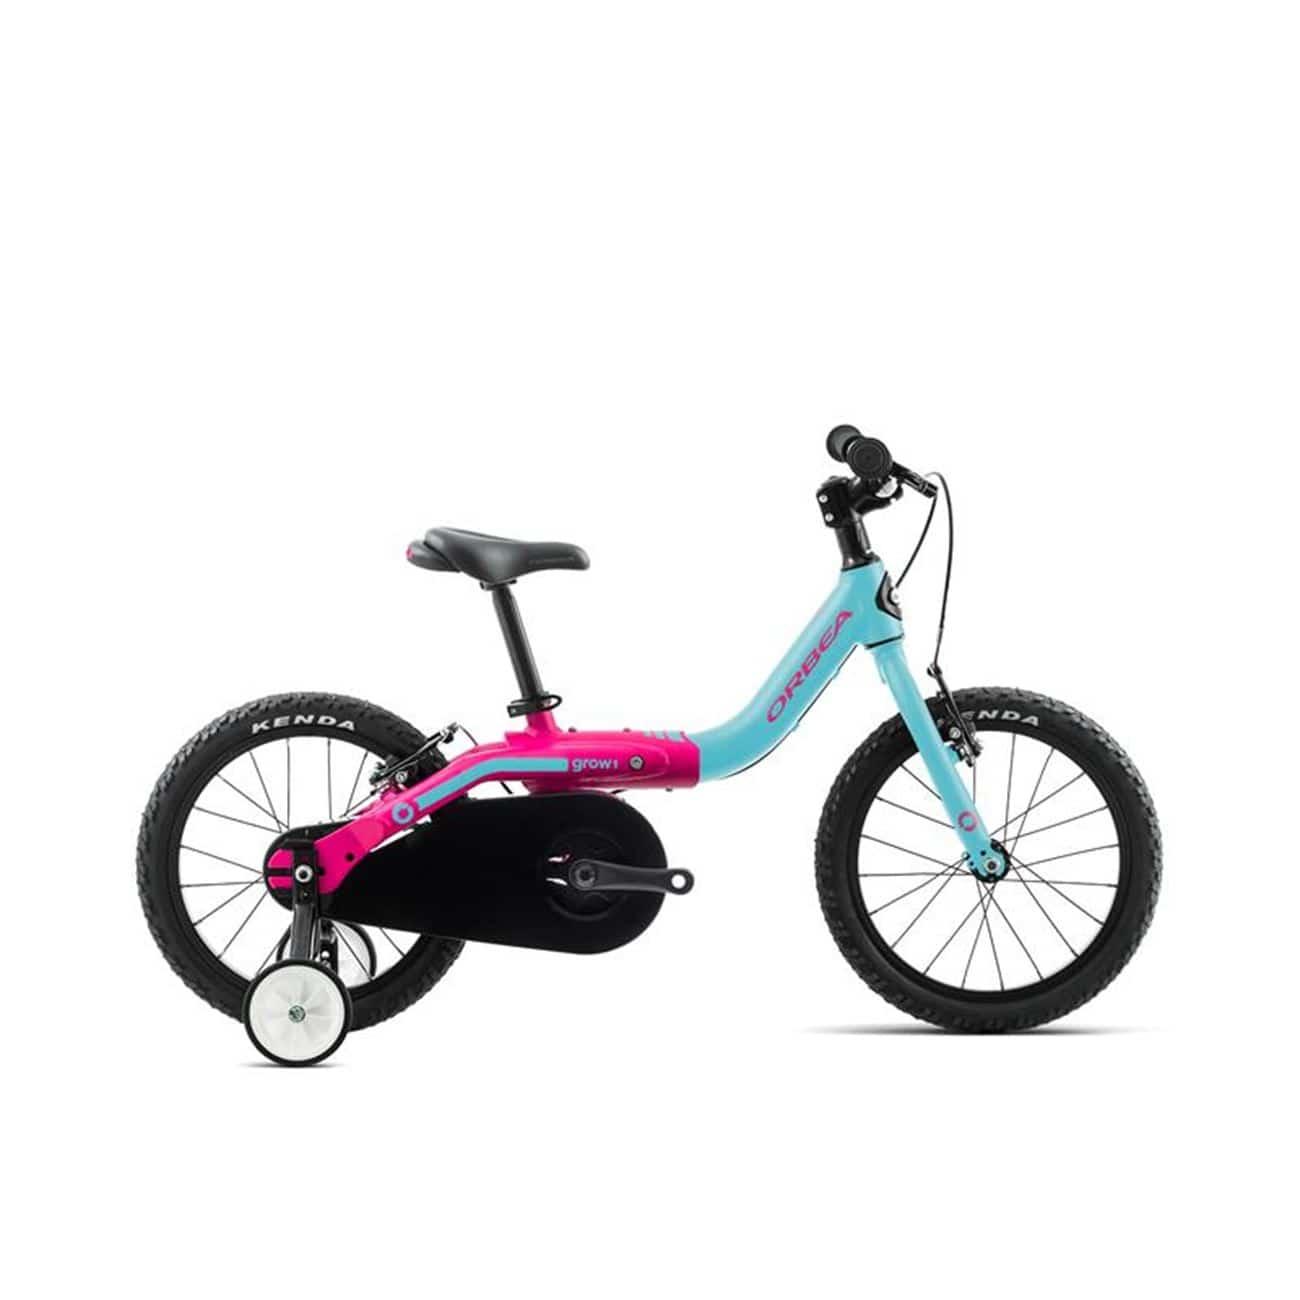 """Ποδήλατο Orbea Grow 16"""" Παιδικό - Ποδήλατα"""